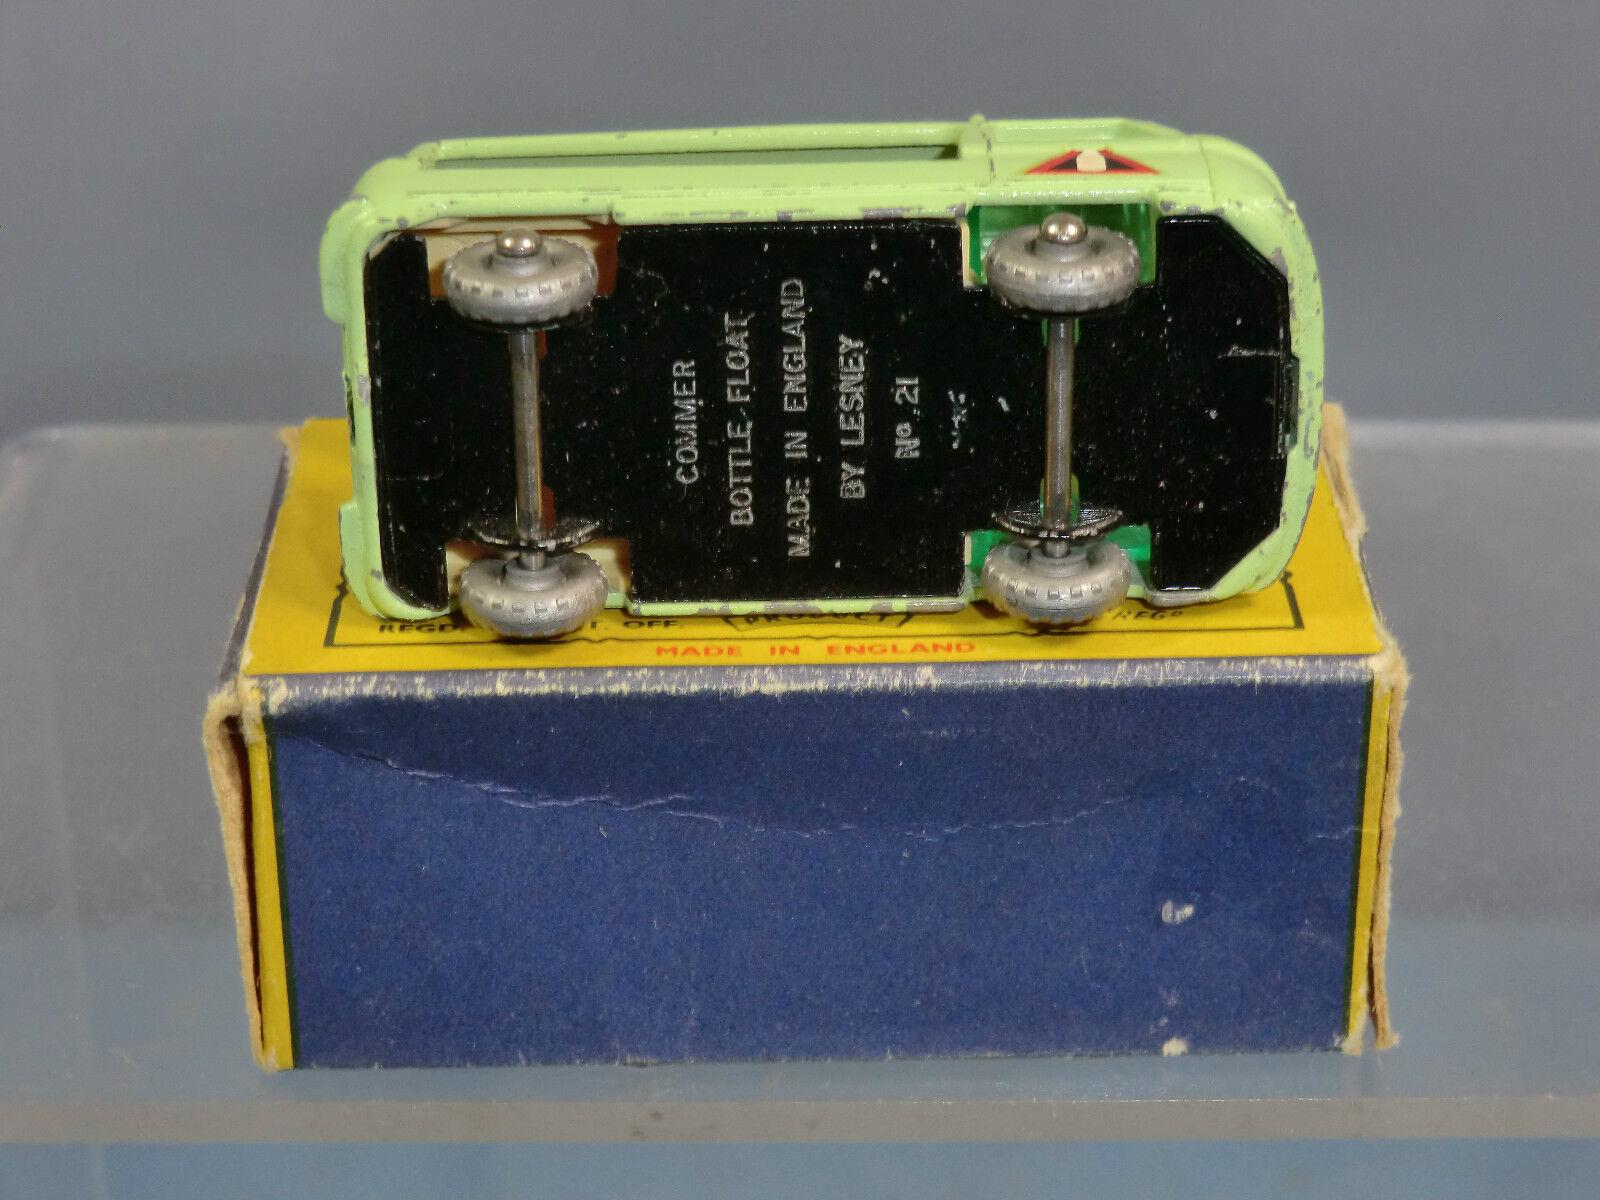 M/Scatola MOKO Lesney modello No.21c COMMER Bottiglia Bottiglia Bottiglia galleggiante VN Nuovo di zecca con scatola 1d7086